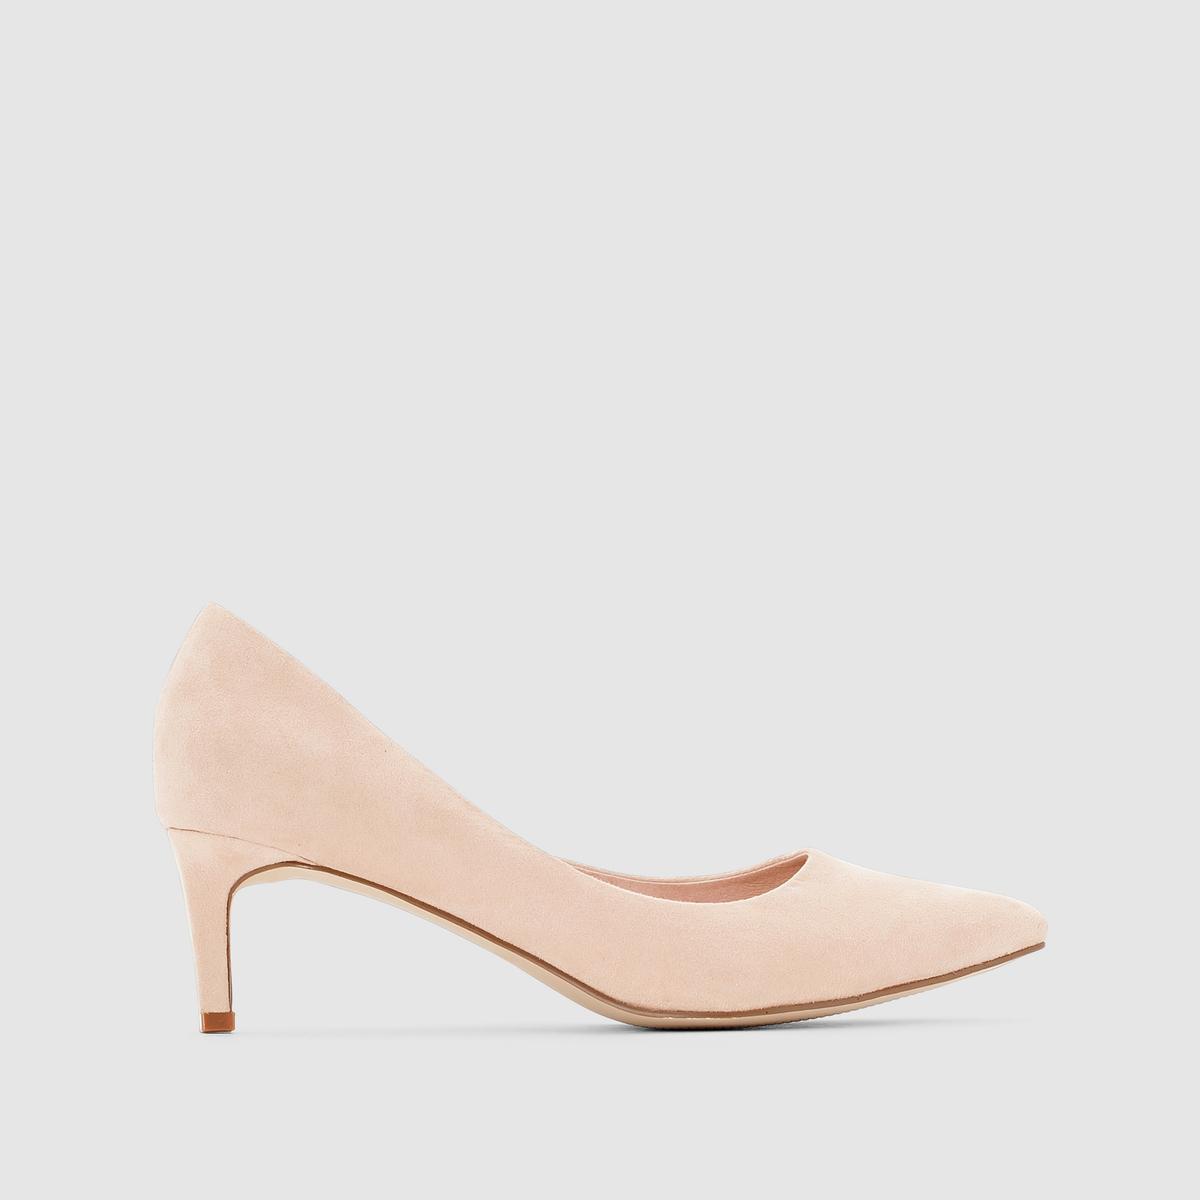 Туфли на низком каблуке туфли d0134 2014